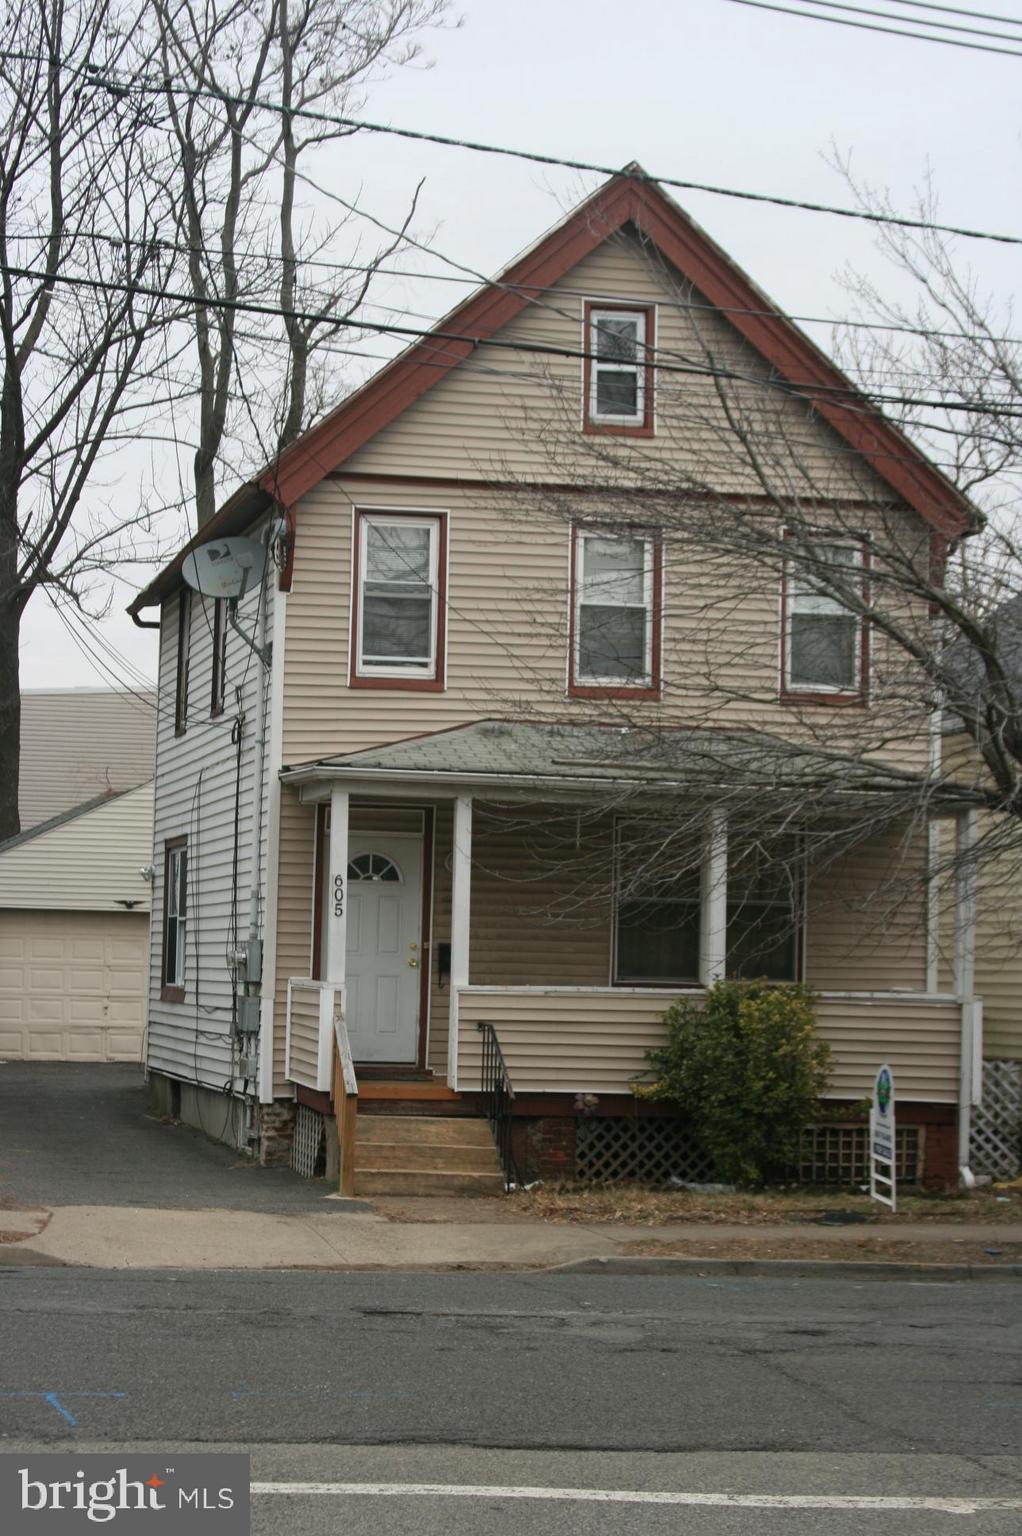 605 NASSAU STREET, ORANGE, NJ 07050